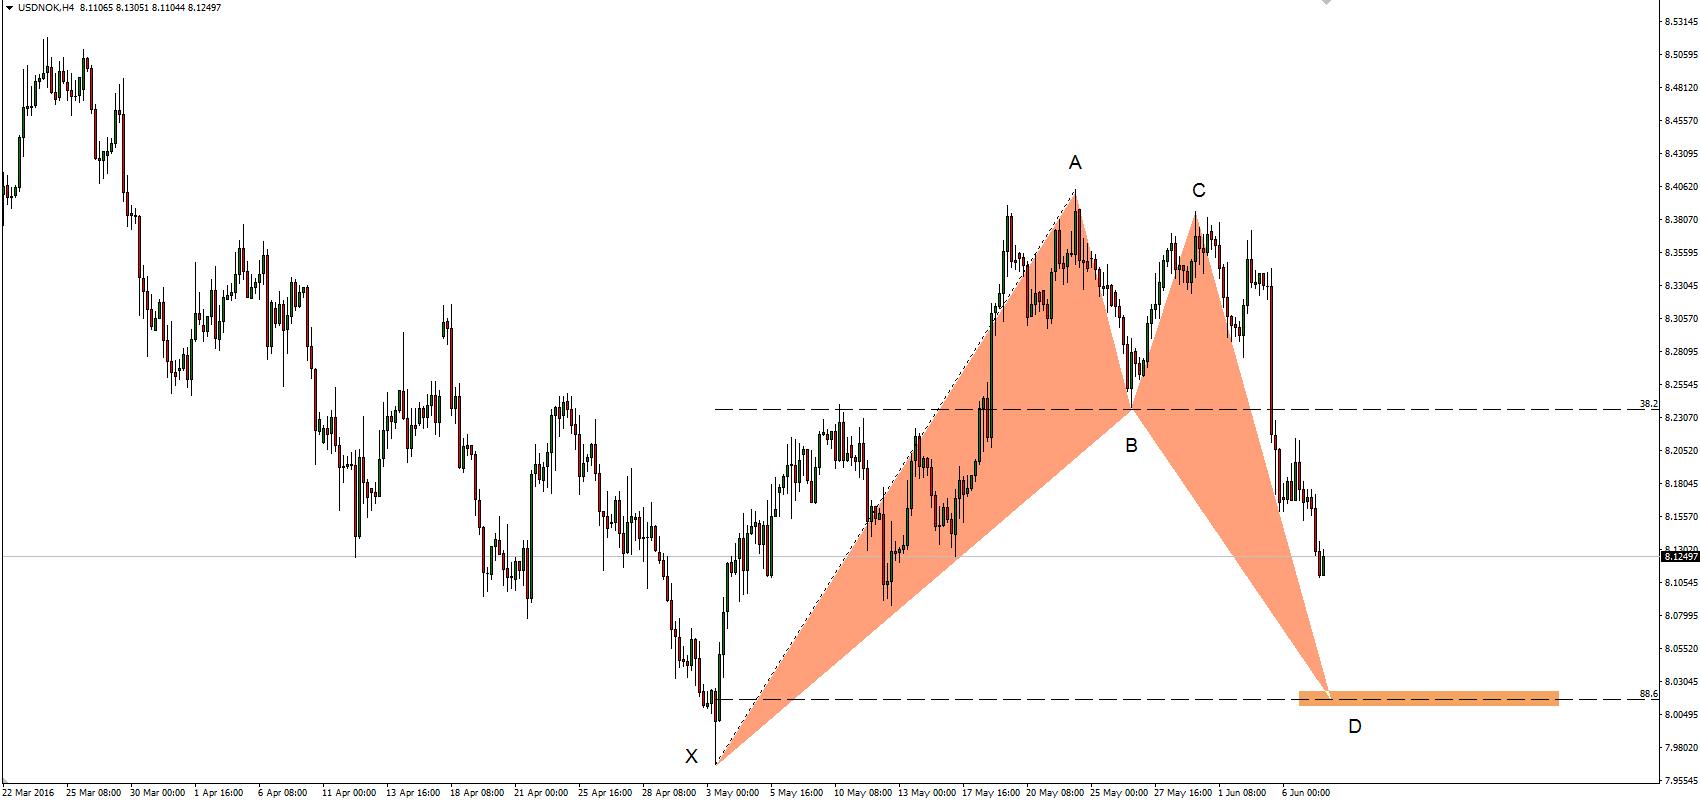 Trading harmoniczny, wykres USDNOK dla interwału H4.